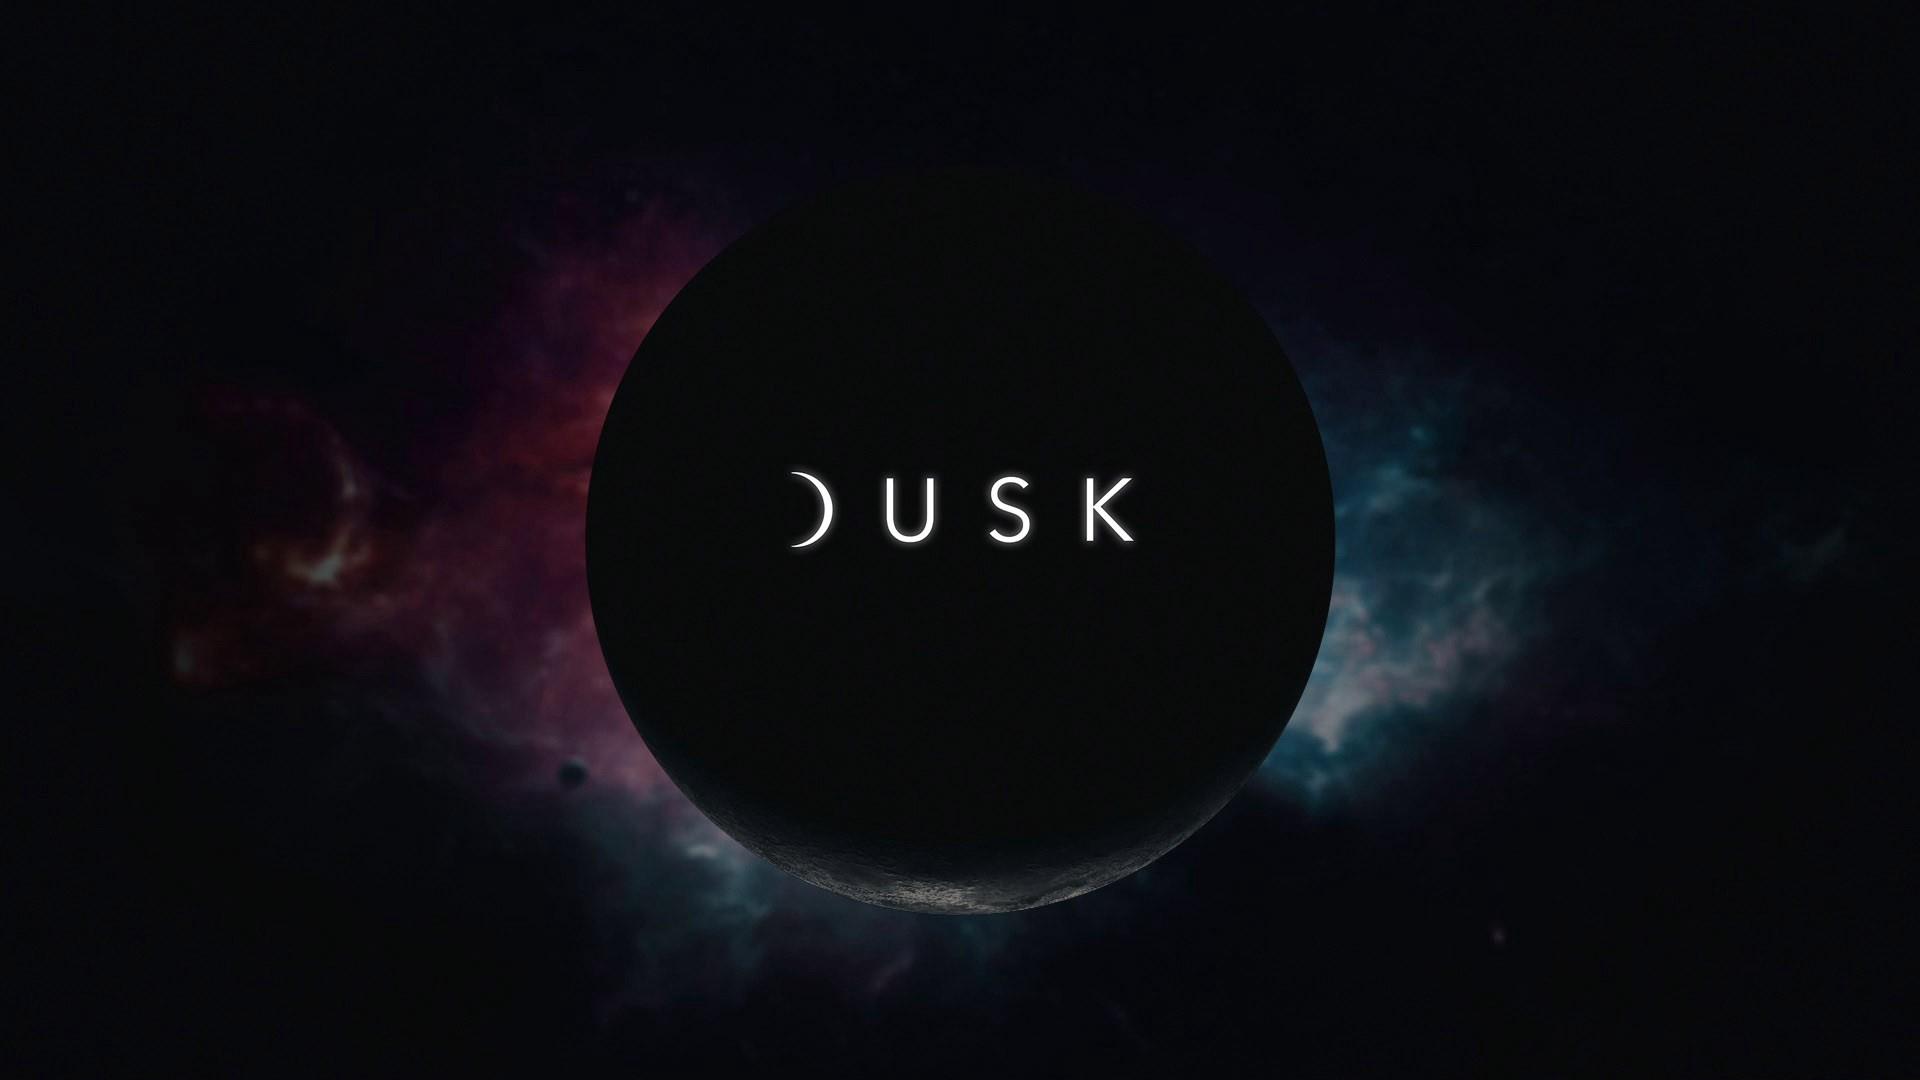 /dusk-network-explained-eb669bd53eda feature image